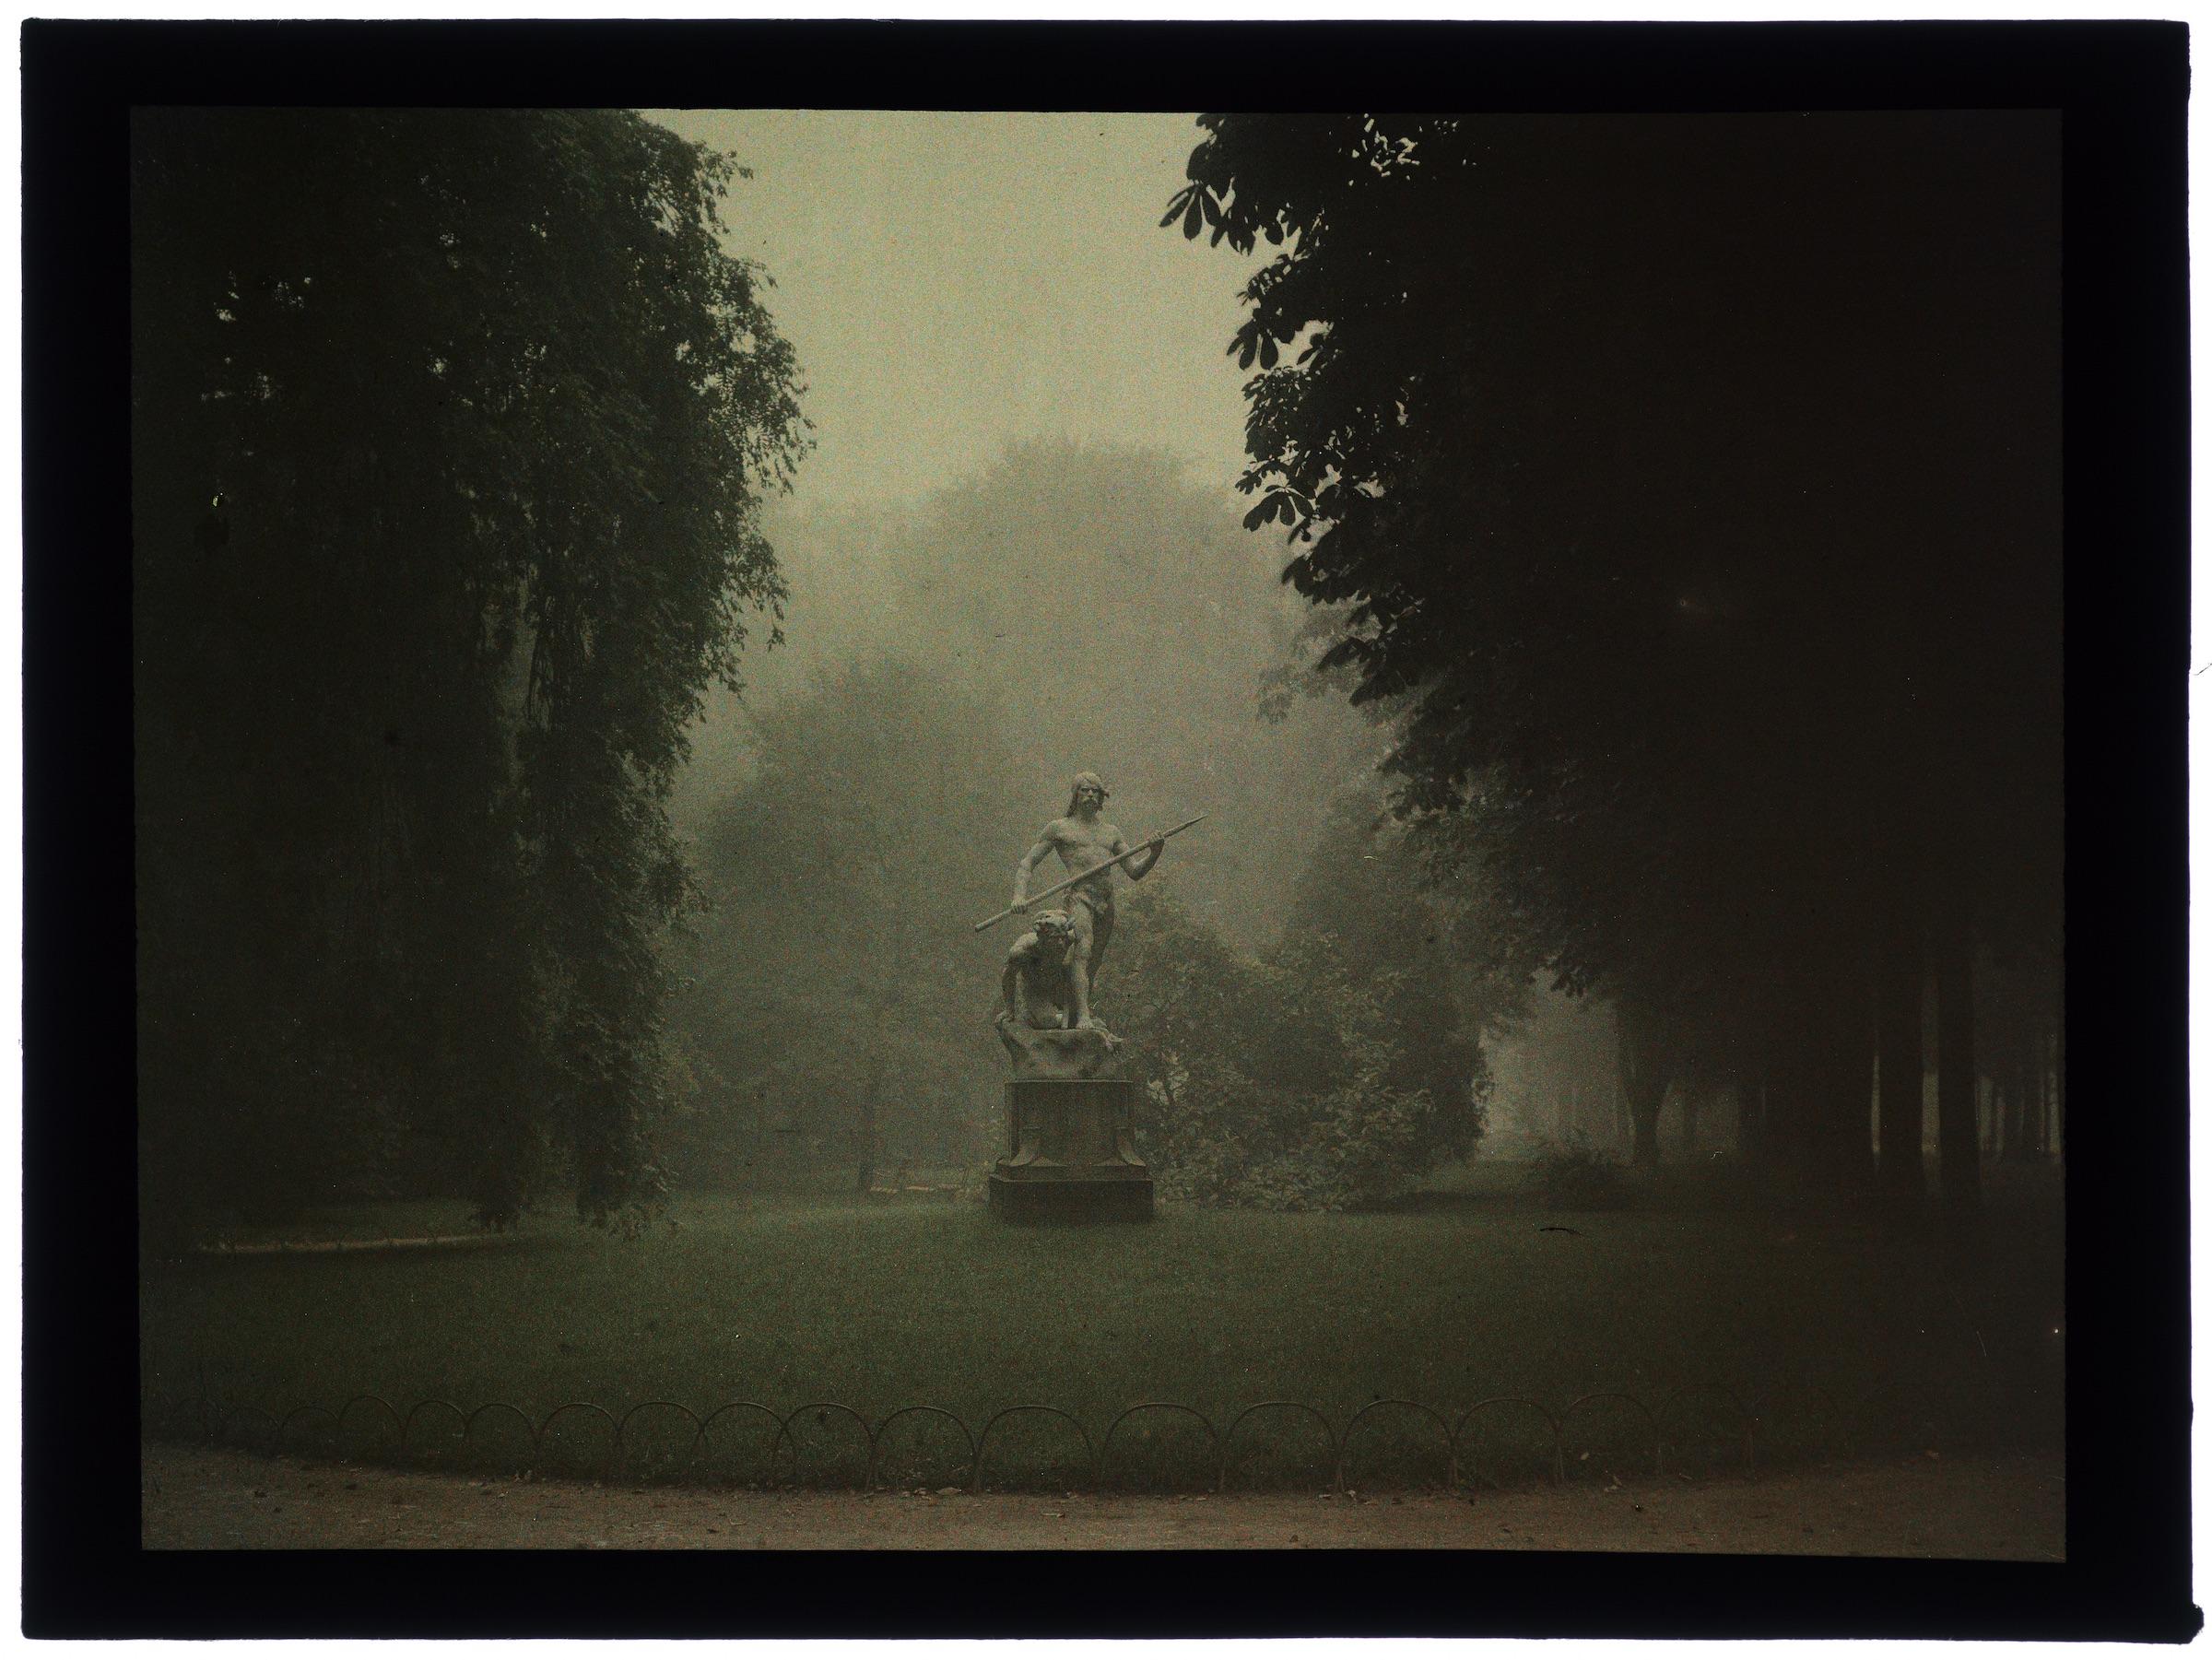 La pépinière déserte avec statues